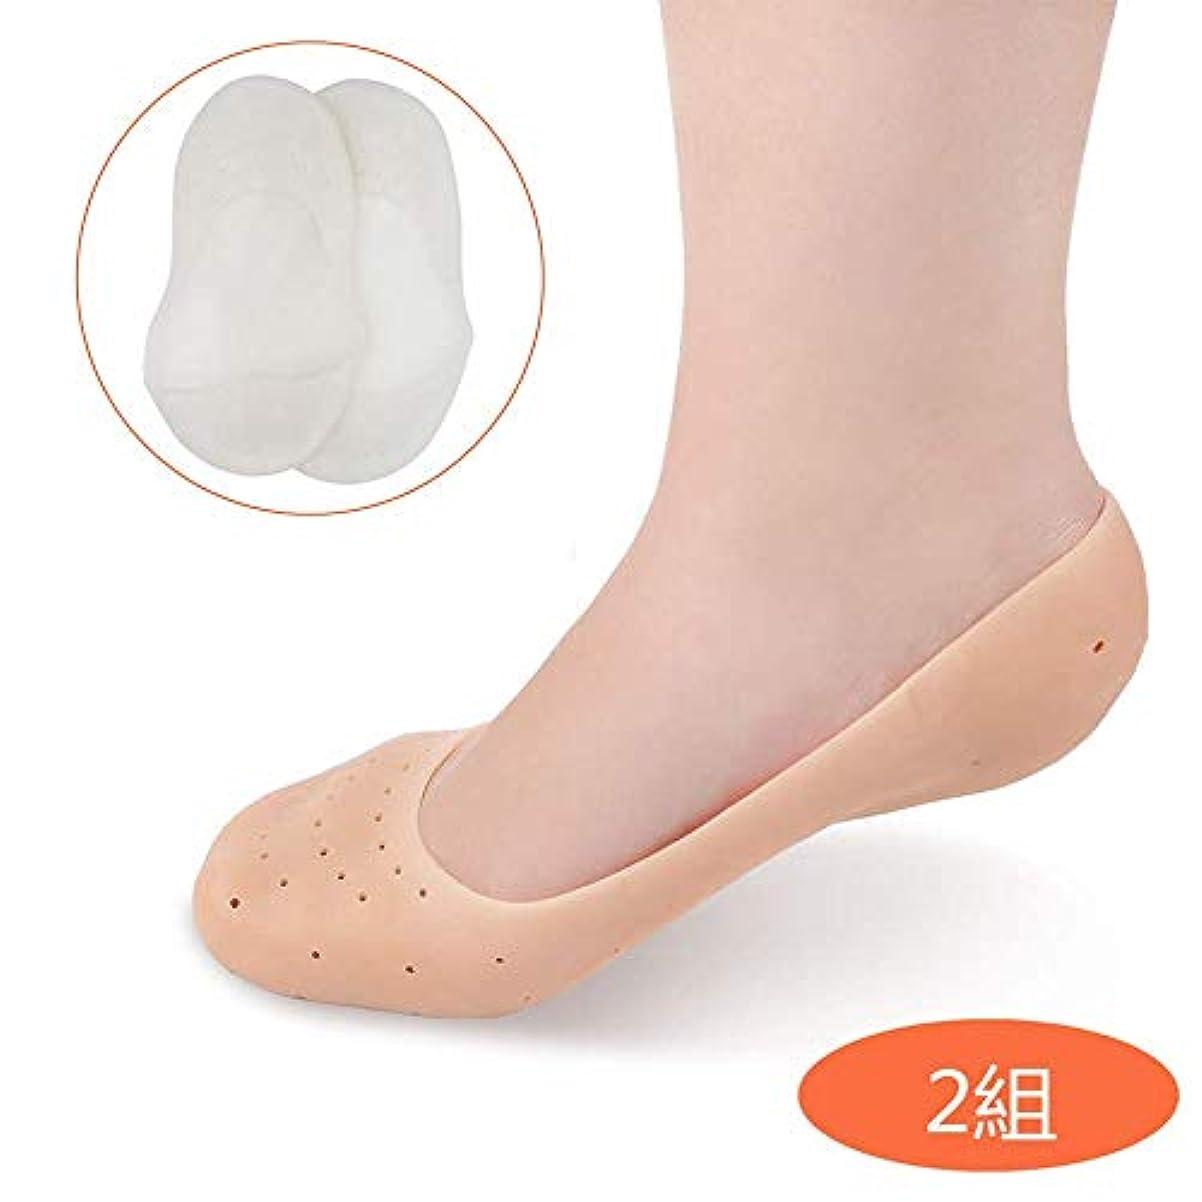 並外れた前任者カーフシリコンソックス 靴下 かかとケア ヒールクラック防止 足ケア 保湿 角質ケア 皮膚保護 痛みの緩和 快適 通気性 男女兼用 (2組)